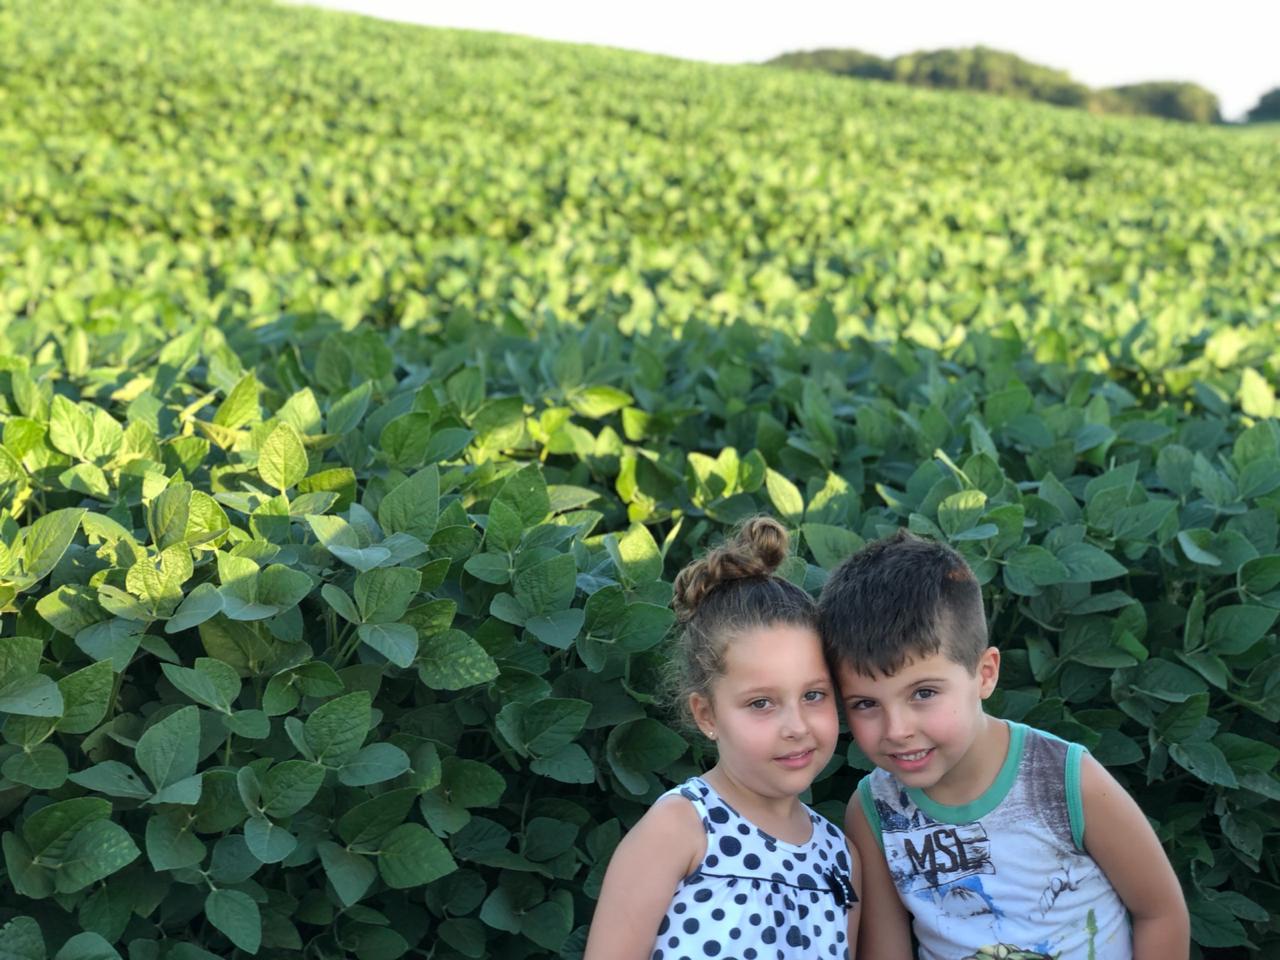 Valentina e Lorenzo, filhos de César Copatti, na lavoura de soja de variedade Alvo no município de Ibiaca (RS)